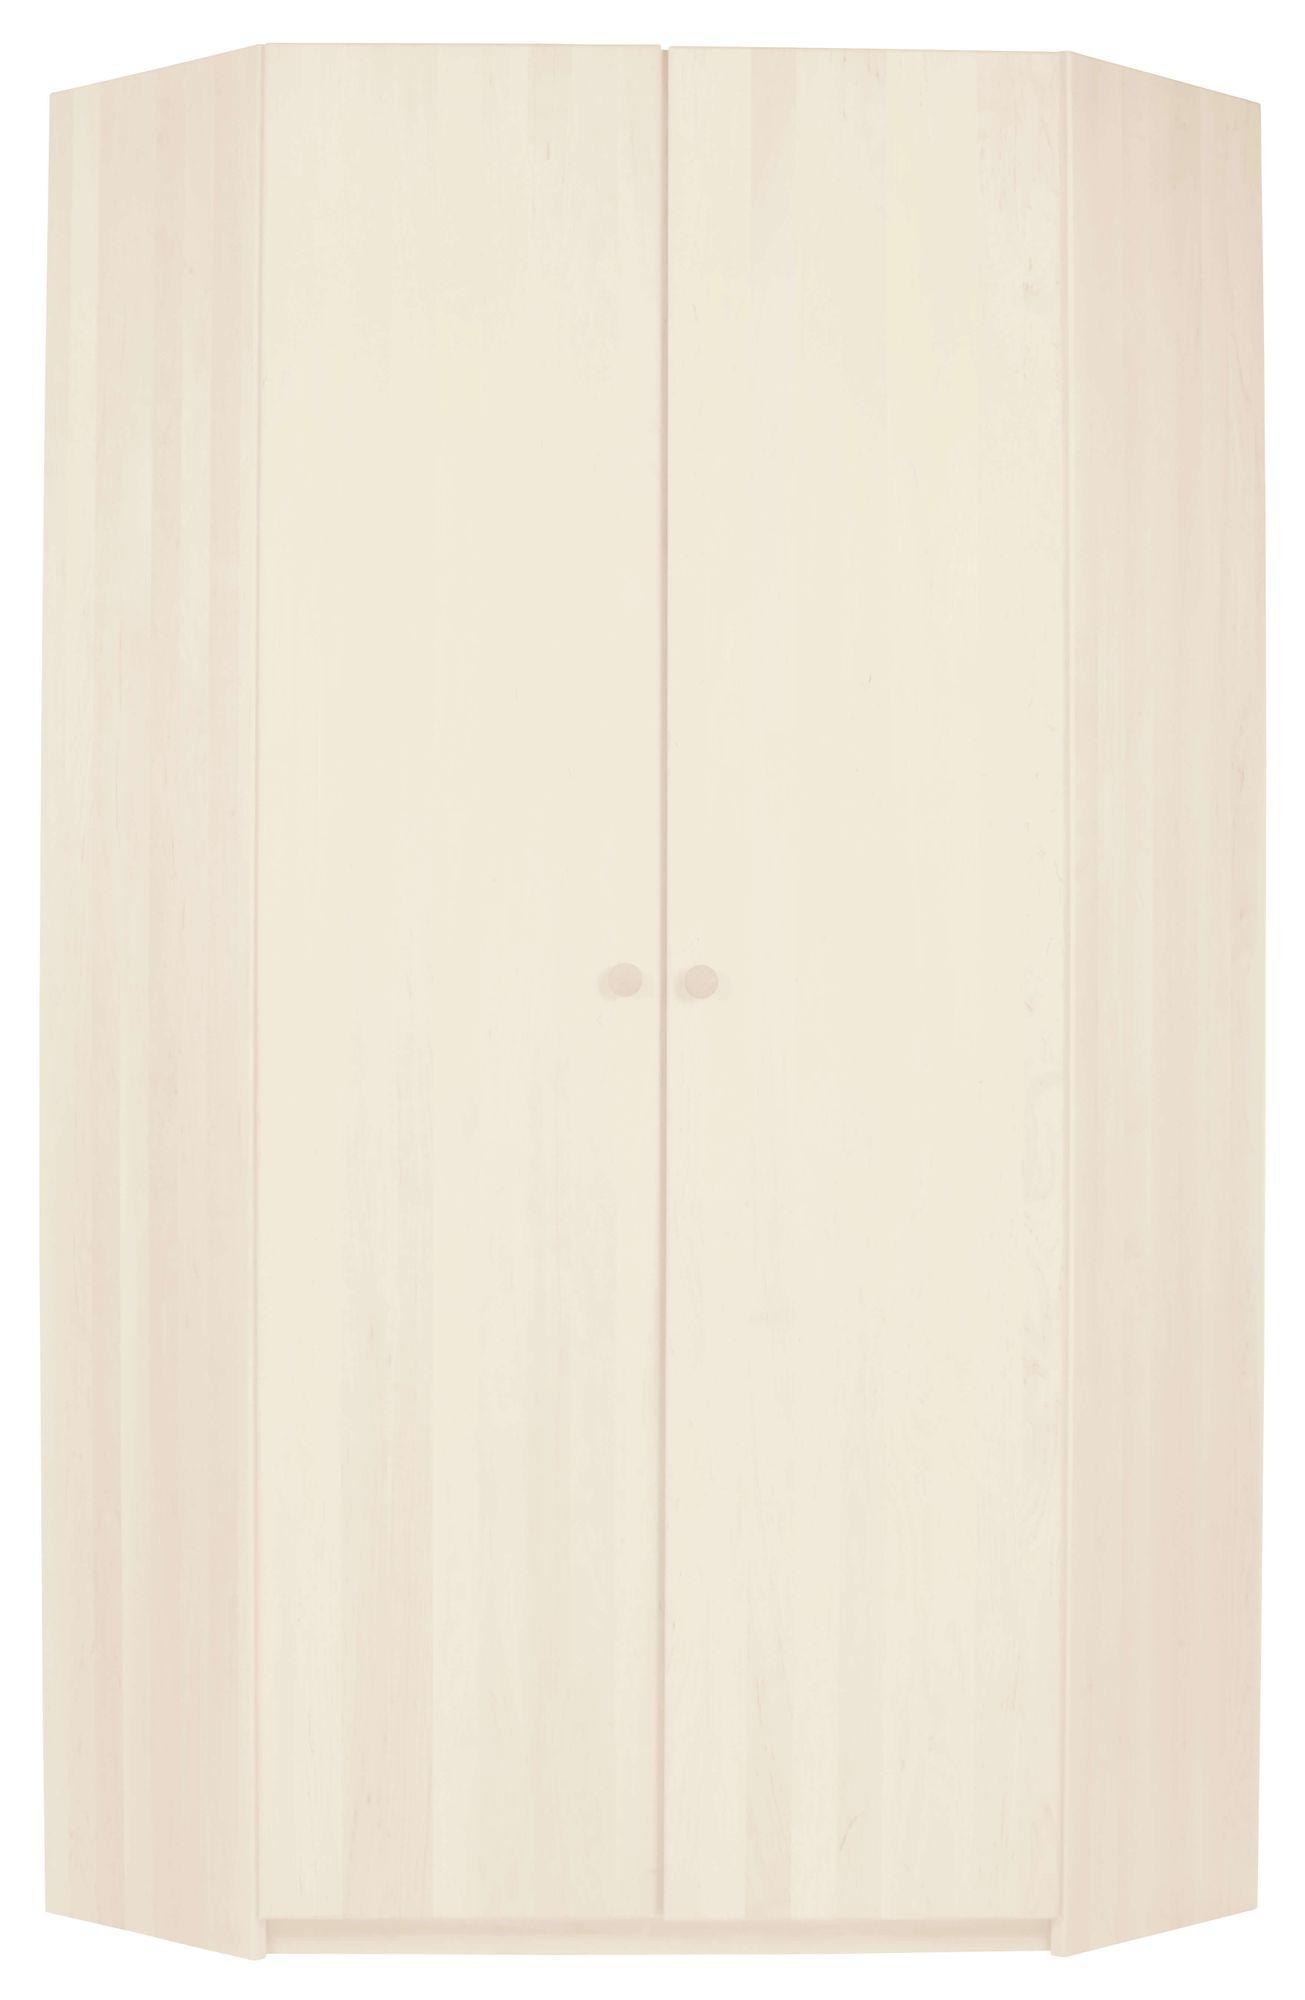 Full Size of Eckschrank Kinderzimmer Biolara Eckkleiderschrank Kiefer Wei Lasiert Küche Regal Weiß Regale Bad Sofa Schlafzimmer Kinderzimmer Eckschrank Kinderzimmer